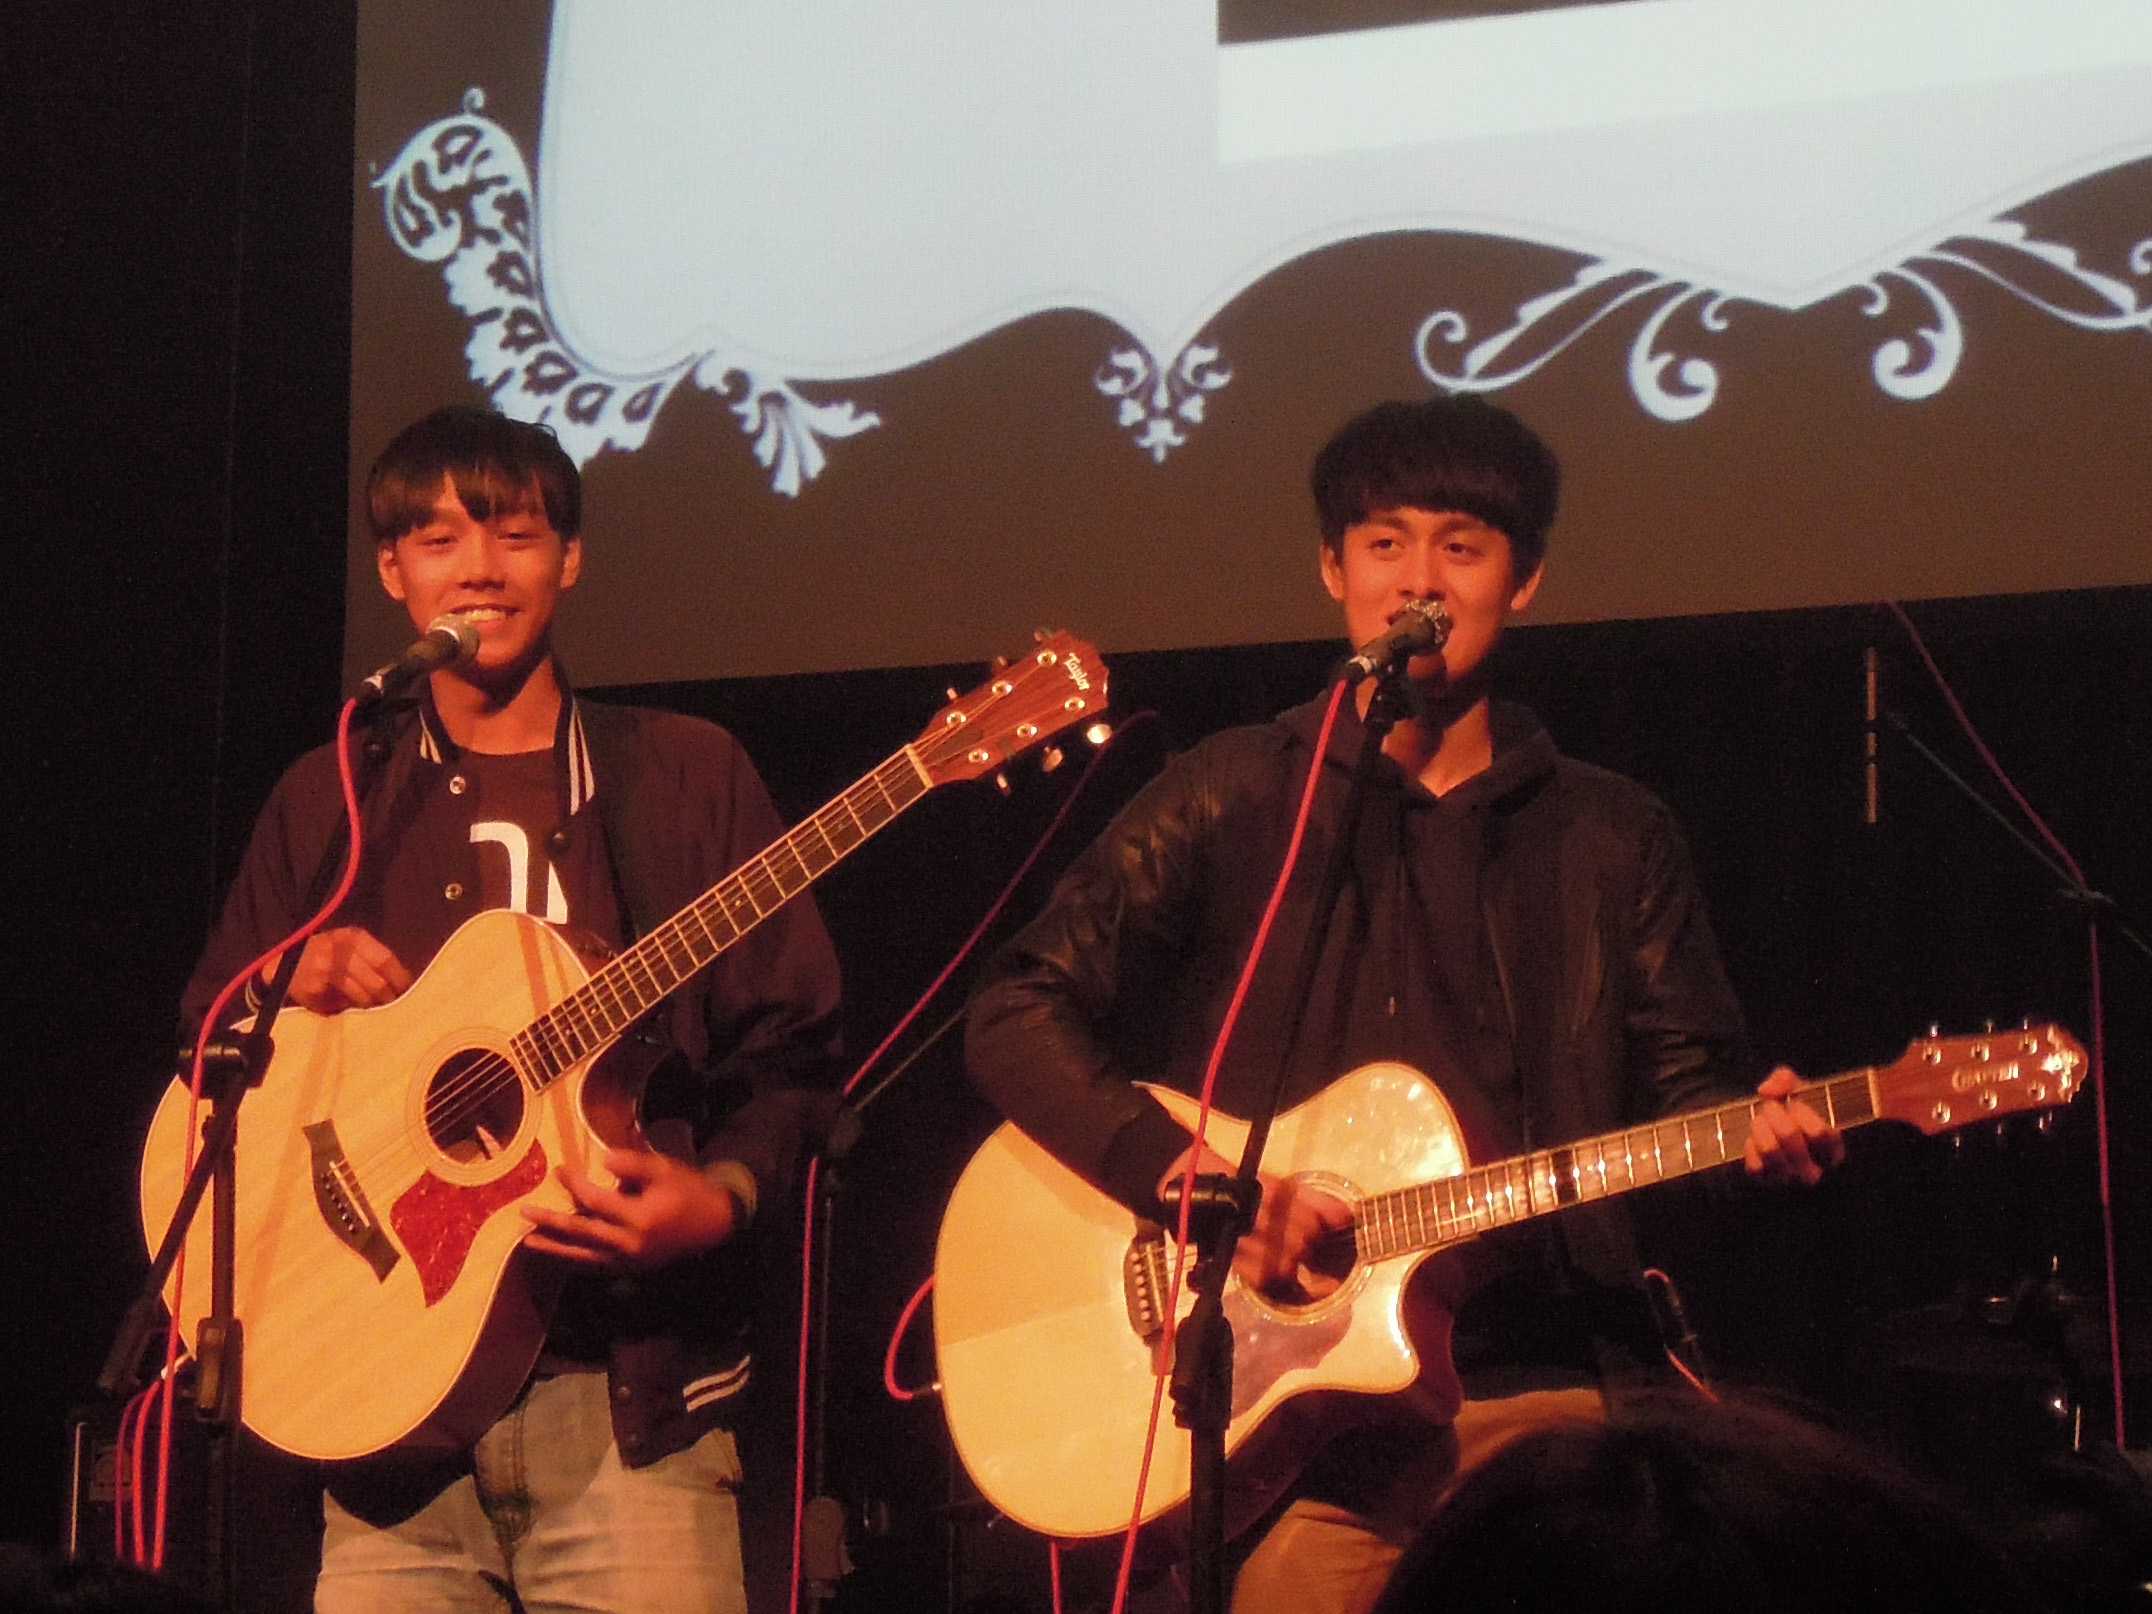 演出團體Savulu & Laway在台上與觀眾互動。 圖/鄭晏欣攝